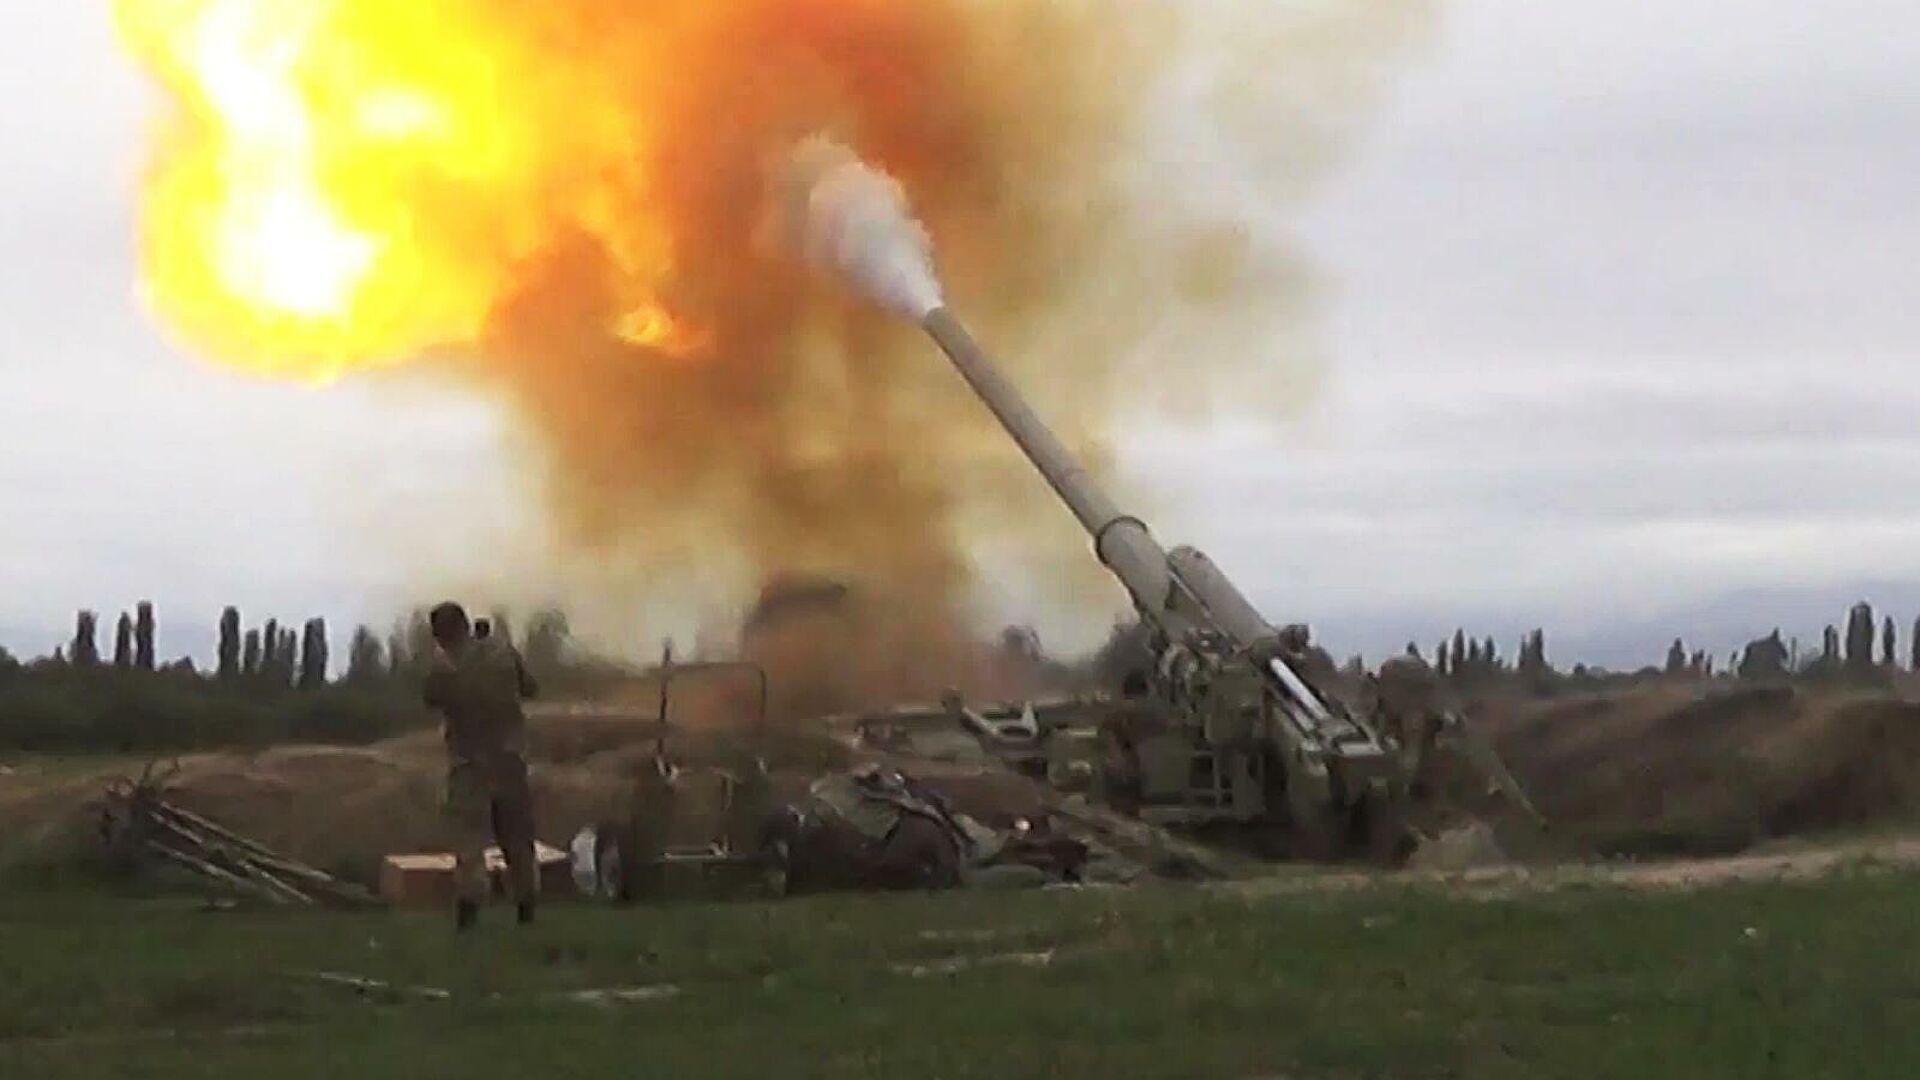 Азербејџан саопштио о уништавњау јерменског С-300 у Карабаху